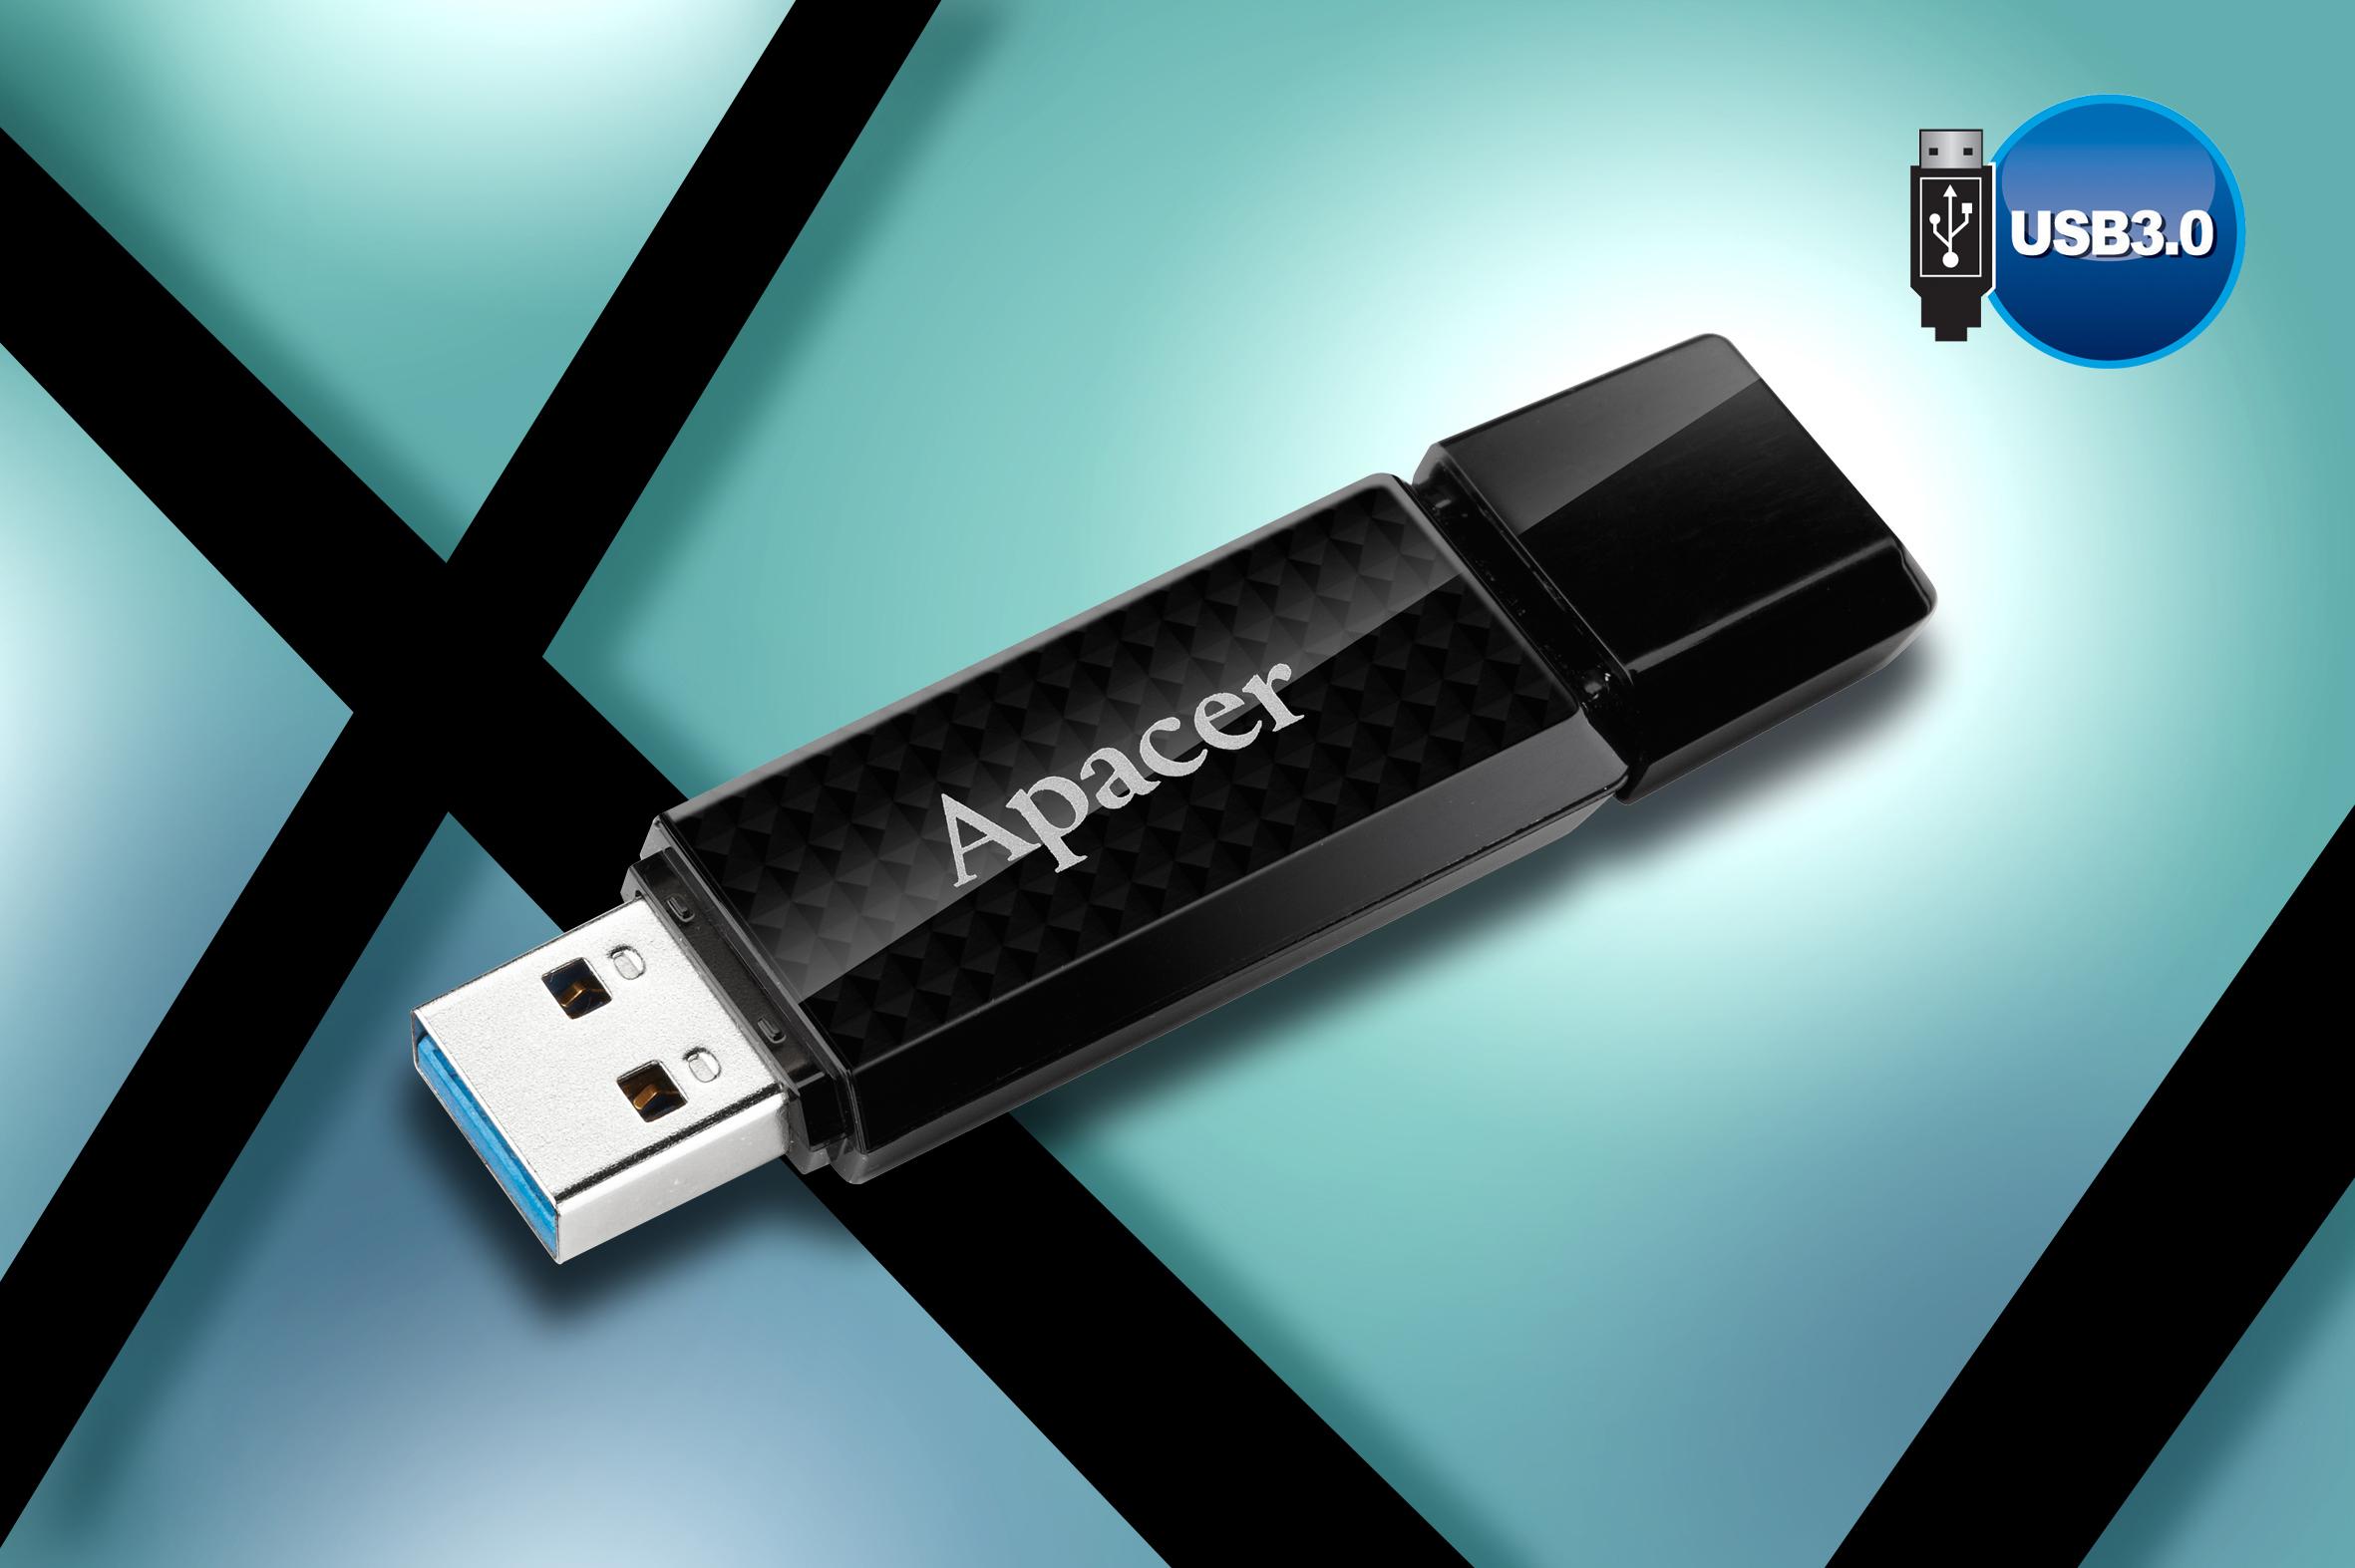 深邃神秘的科技新星--宇瞻科技USB 3.0 AH352